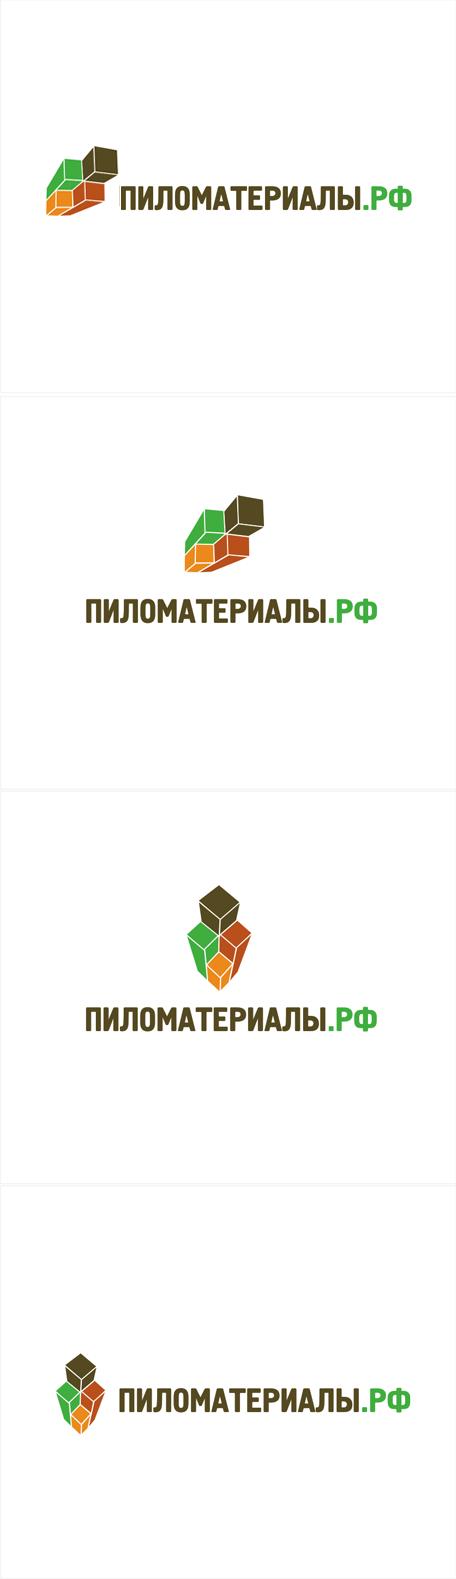 """Создание логотипа и фирменного стиля """"Пиломатериалы.РФ"""" фото f_93952fdf0f73cf55.png"""